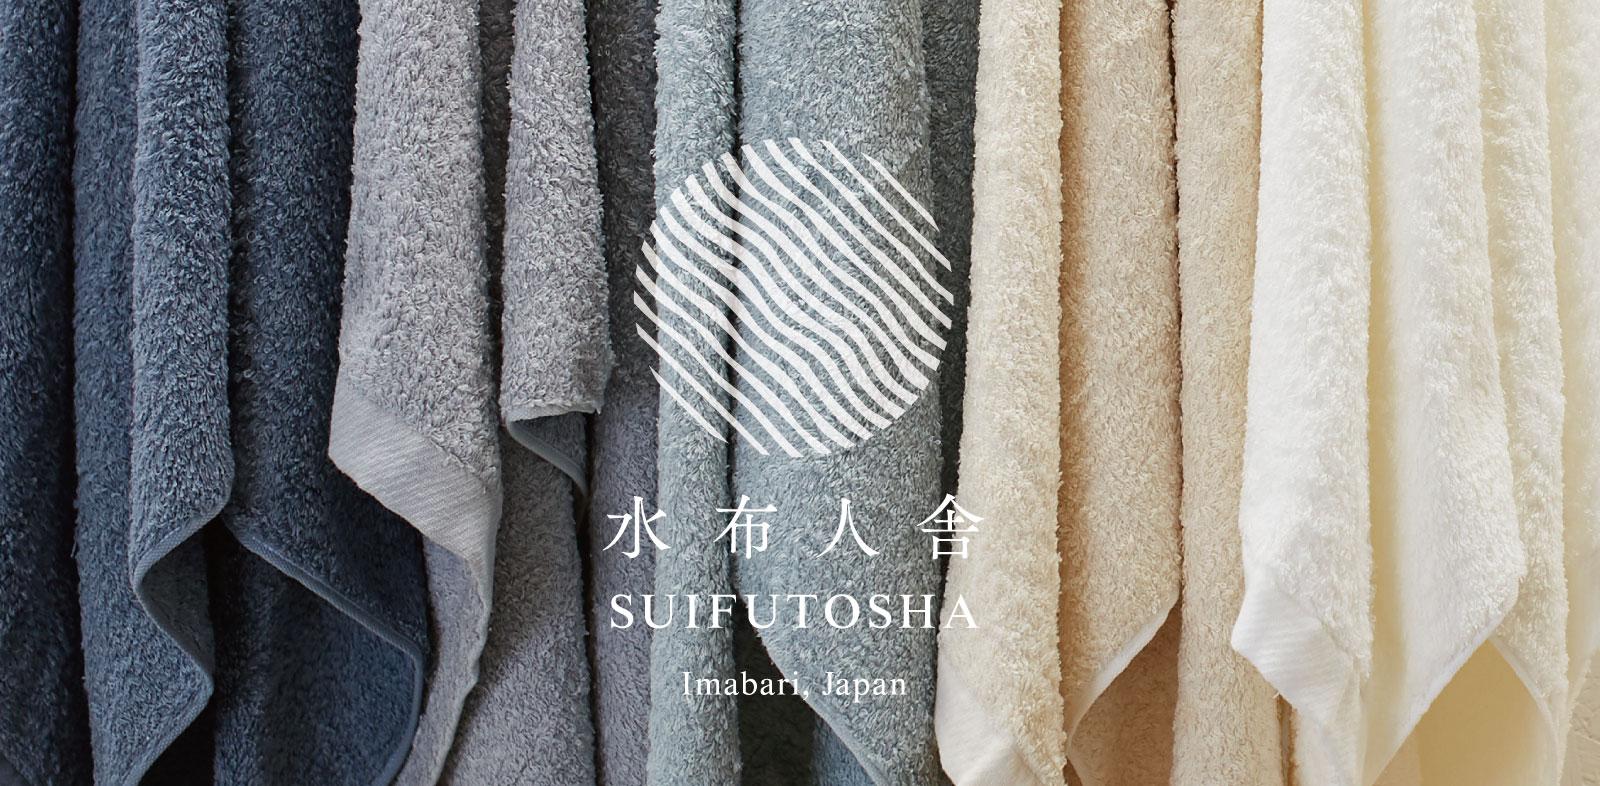 ブランド水布人舎suifutoshaリンク画像